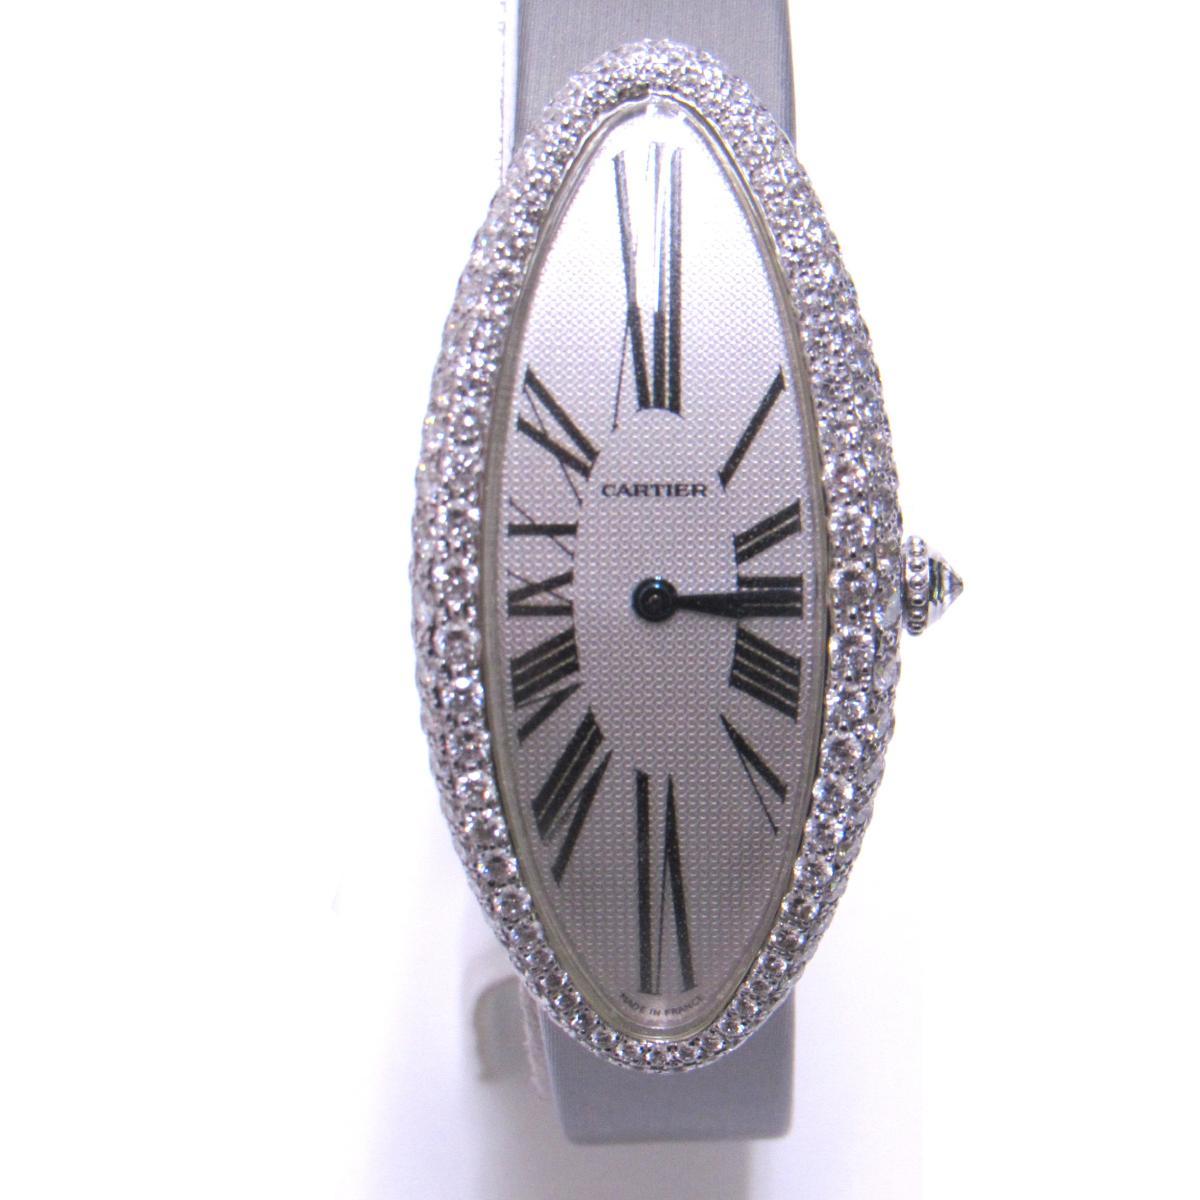 【中古】 カルティエ ベニュワール アロンジェ ウォッチ 時計 レディース K18WG (750) ホワイトゴールド × ダイヤモンド グレー | Cartier BRANDOFF ブランドオフ ブランド ブランド時計 ブランド腕時計 腕時計